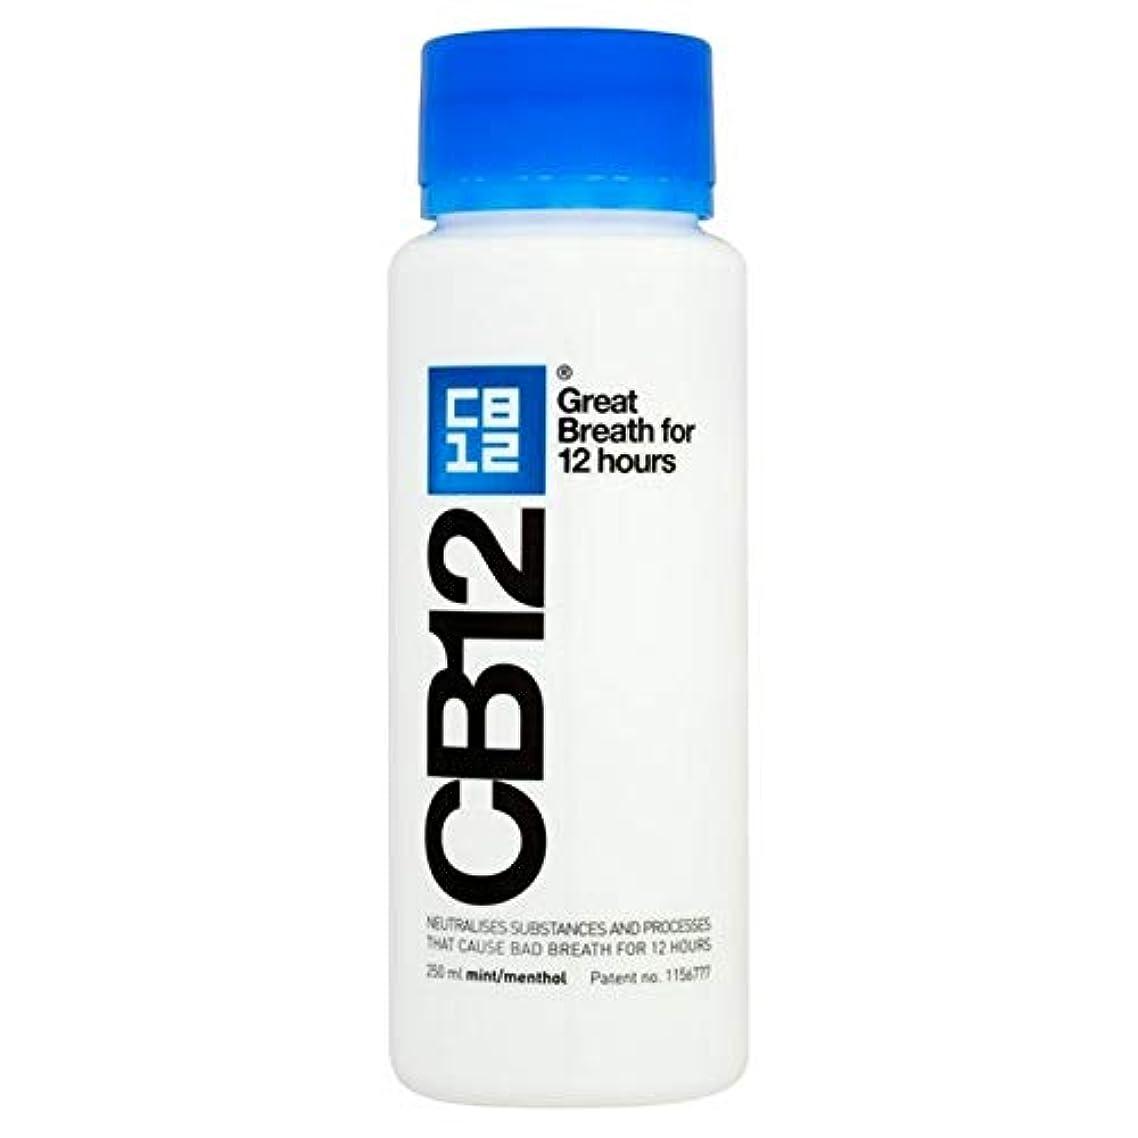 アトラス暫定同志[CB12] Cb12安全な息マウスウォッシュミント250ミリリットル - CB12 Safe Breath Mouthwash Mint 250ml [並行輸入品]